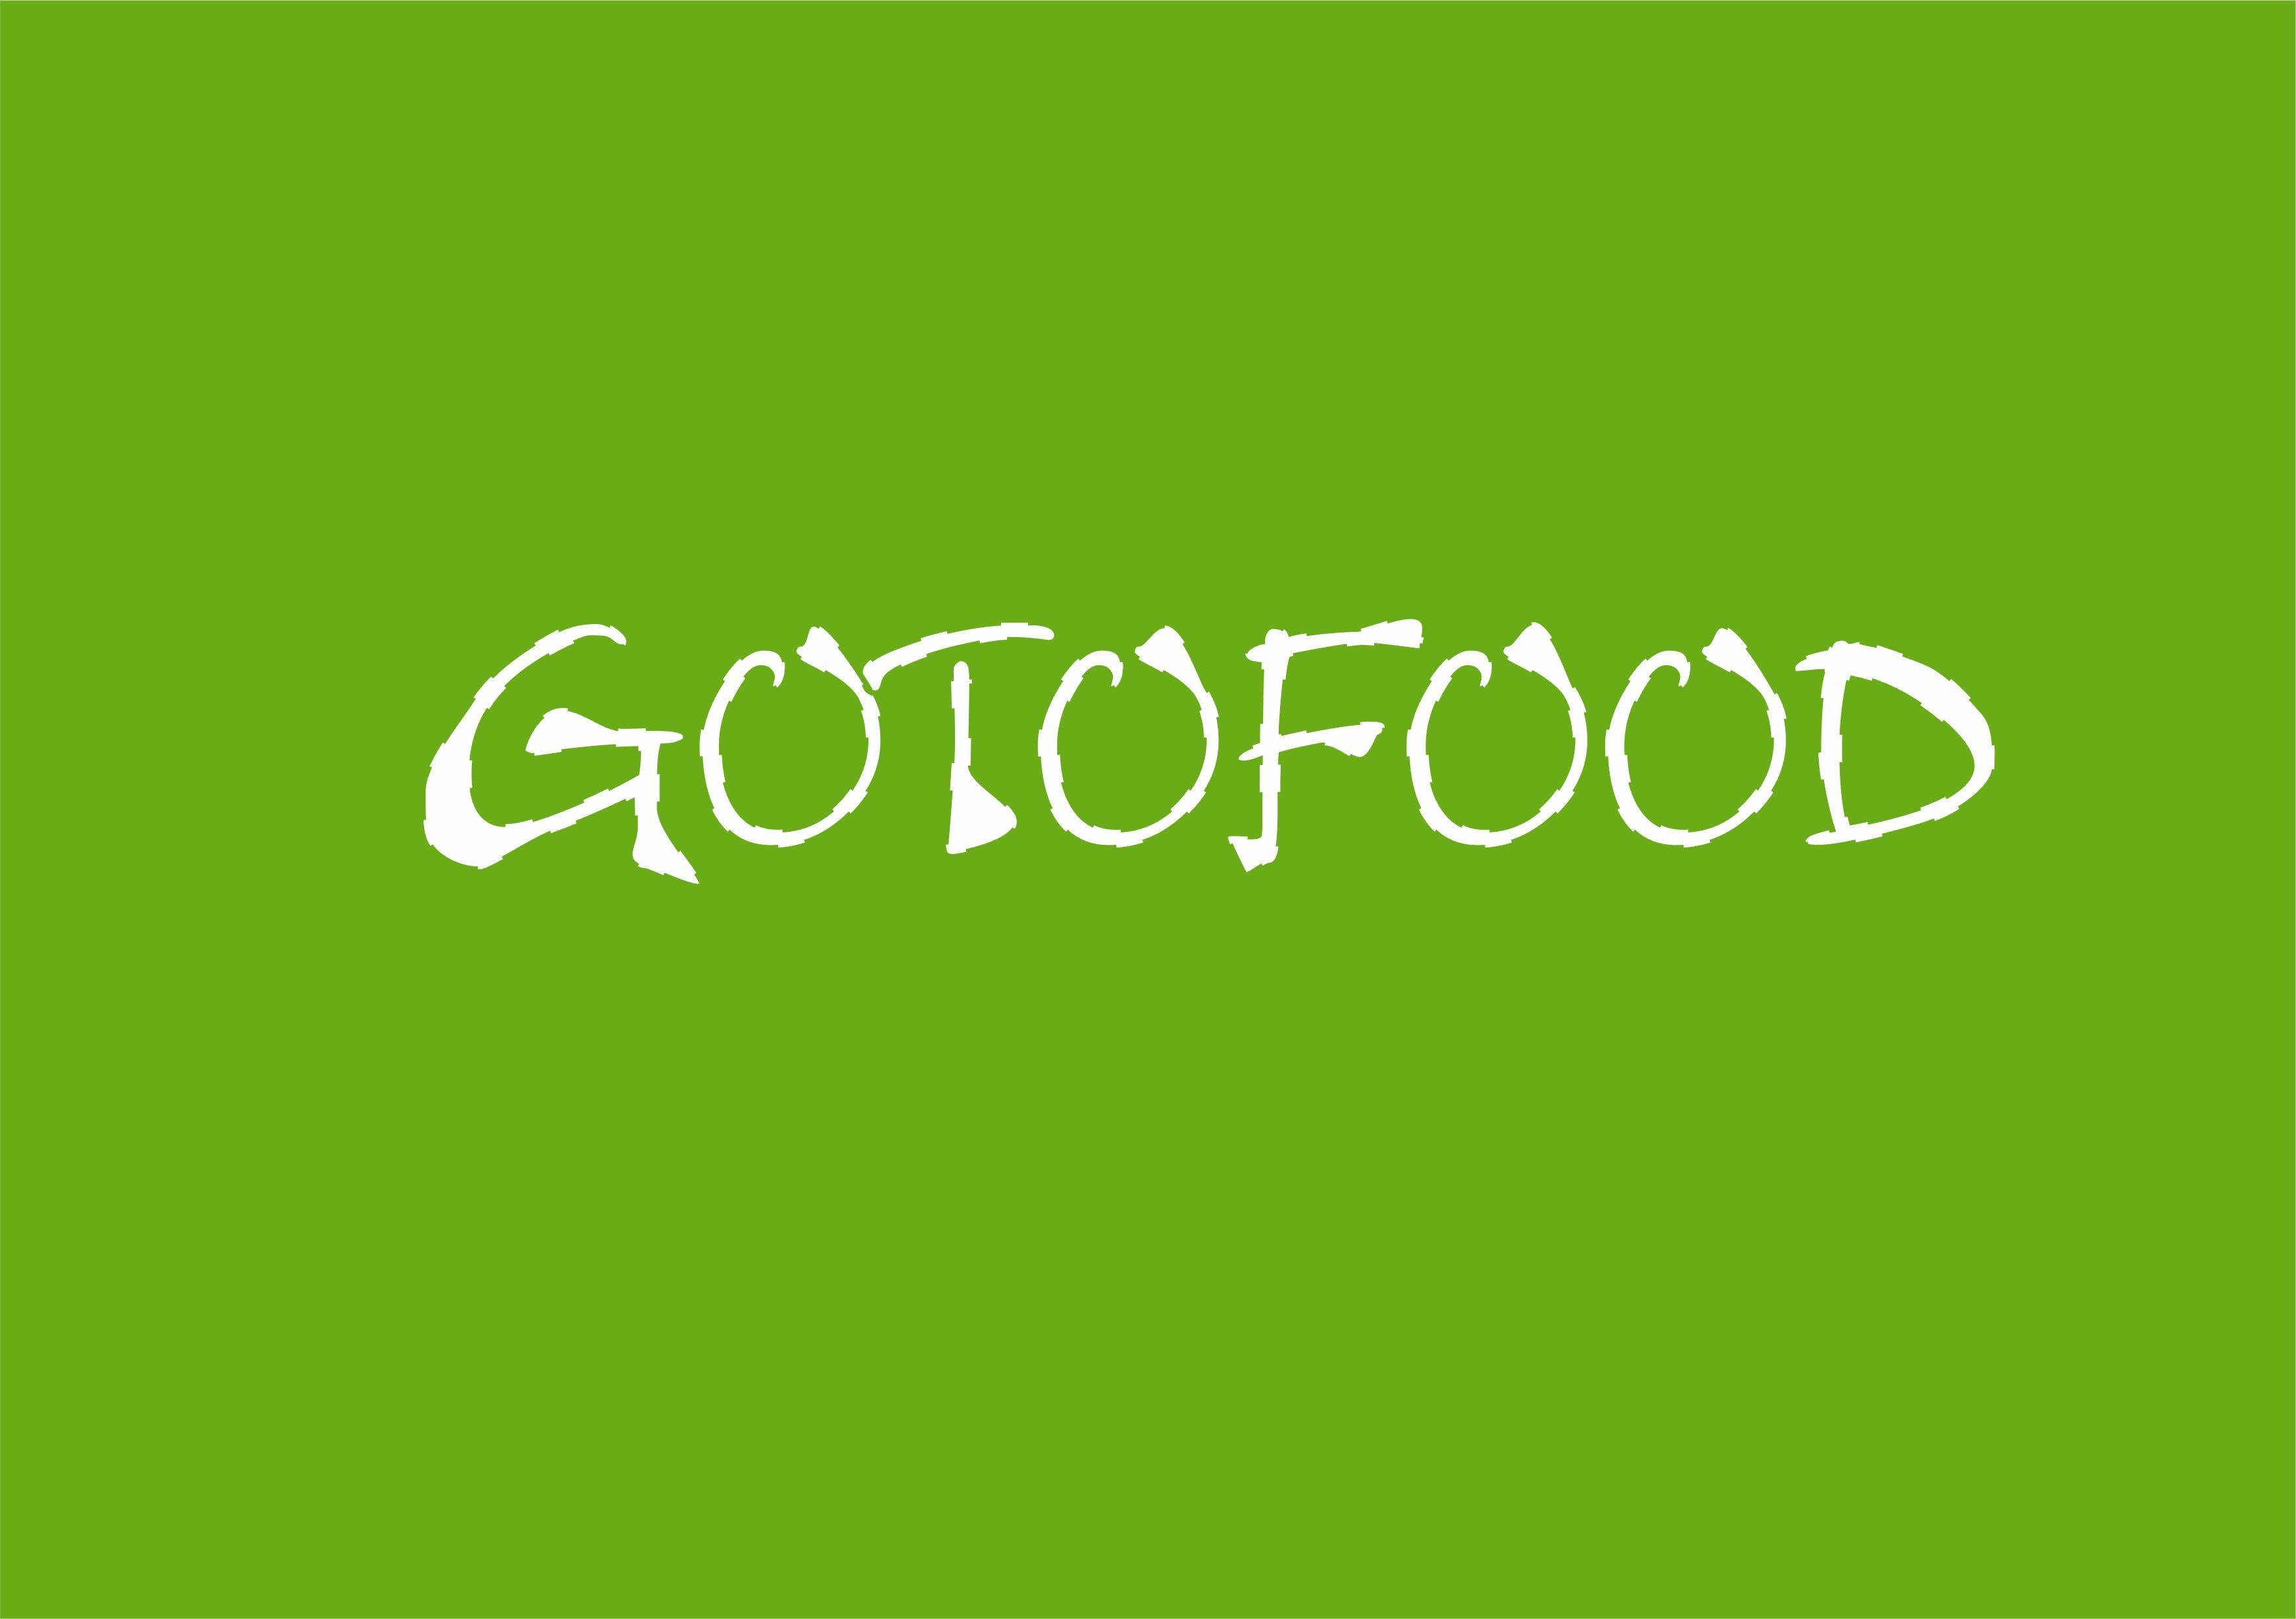 Логотип интернет-магазина здоровой еды фото f_5045cd3013c931b7.jpg